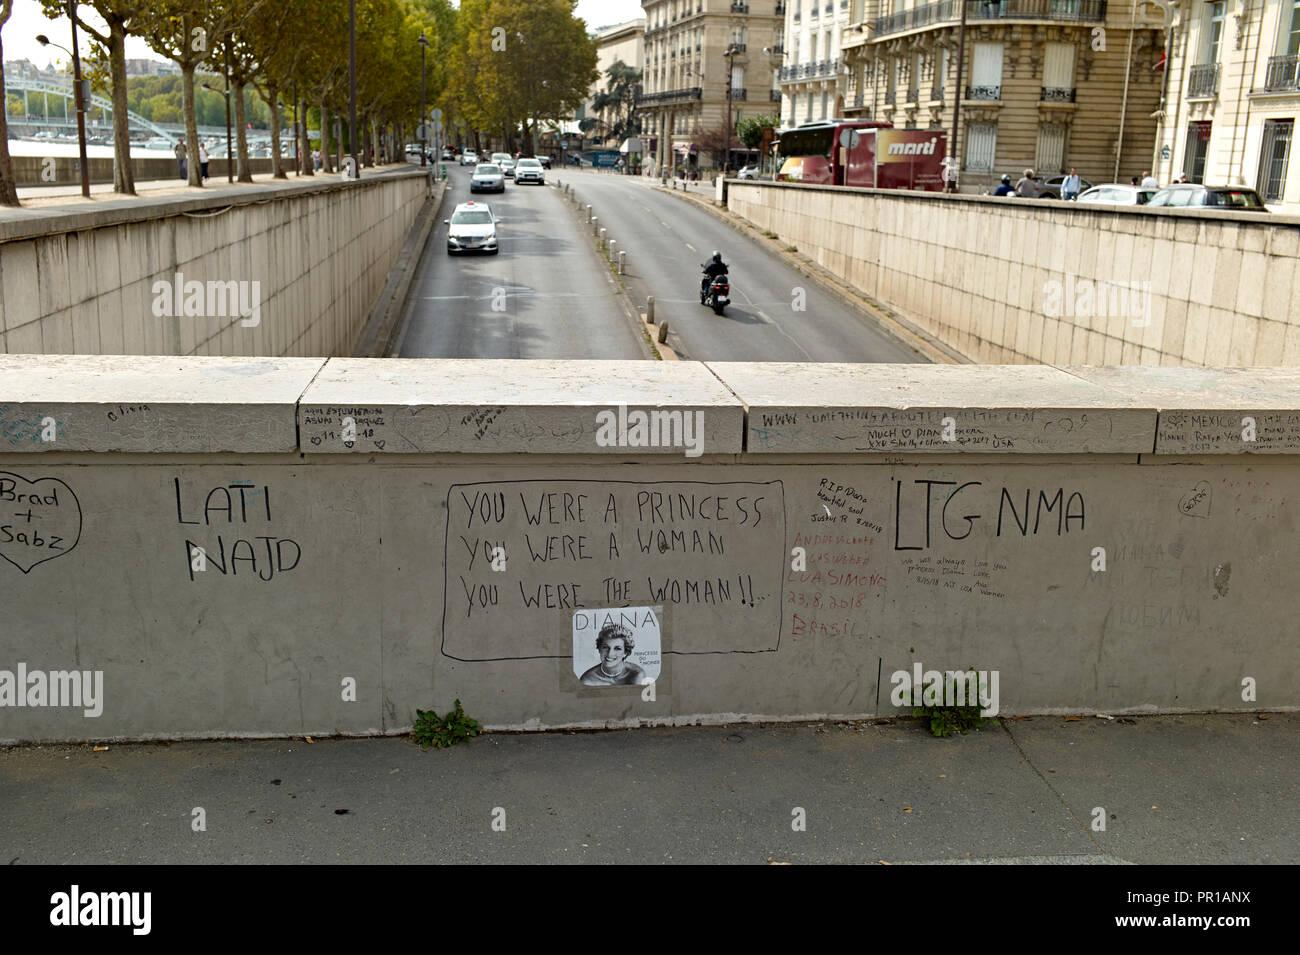 Pont de l'Alma túnel en París, Francia. Fueron Diana, Princesa de Gales, fue involucrado en un accidente de coche fatal. Foto de stock